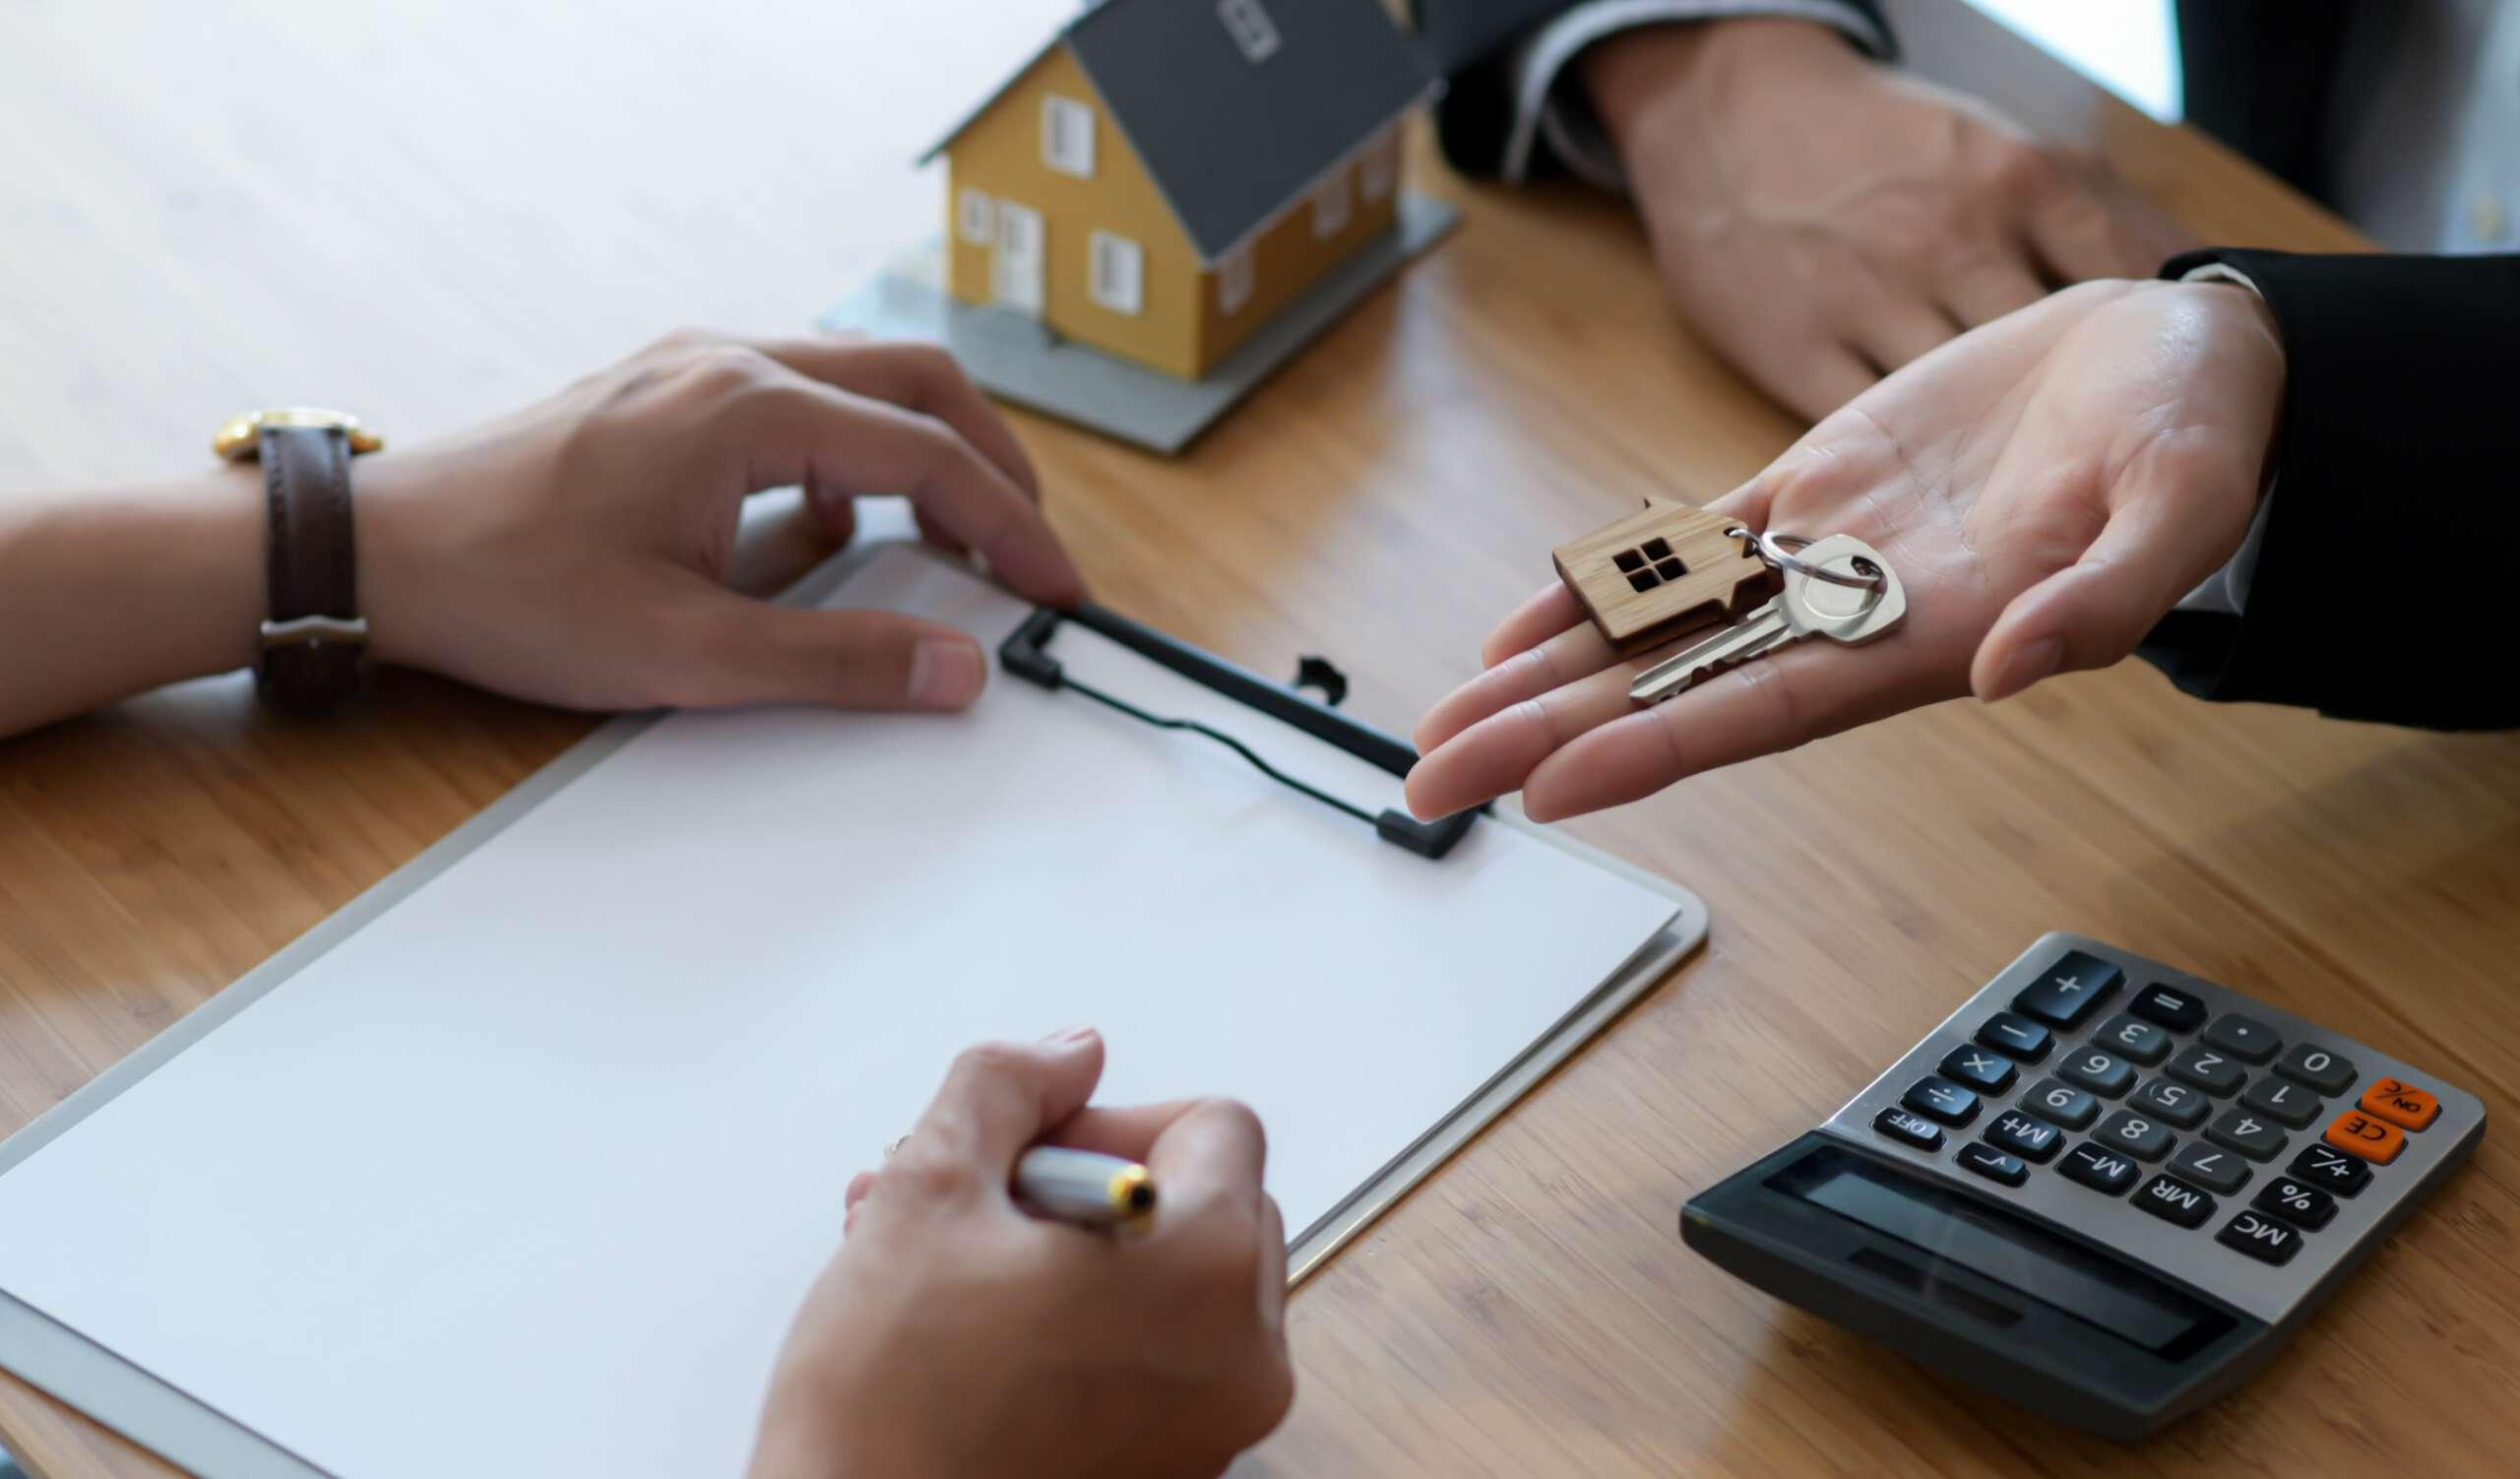 Szybkie wyjaśnienie stanu prawnego nieruchomości